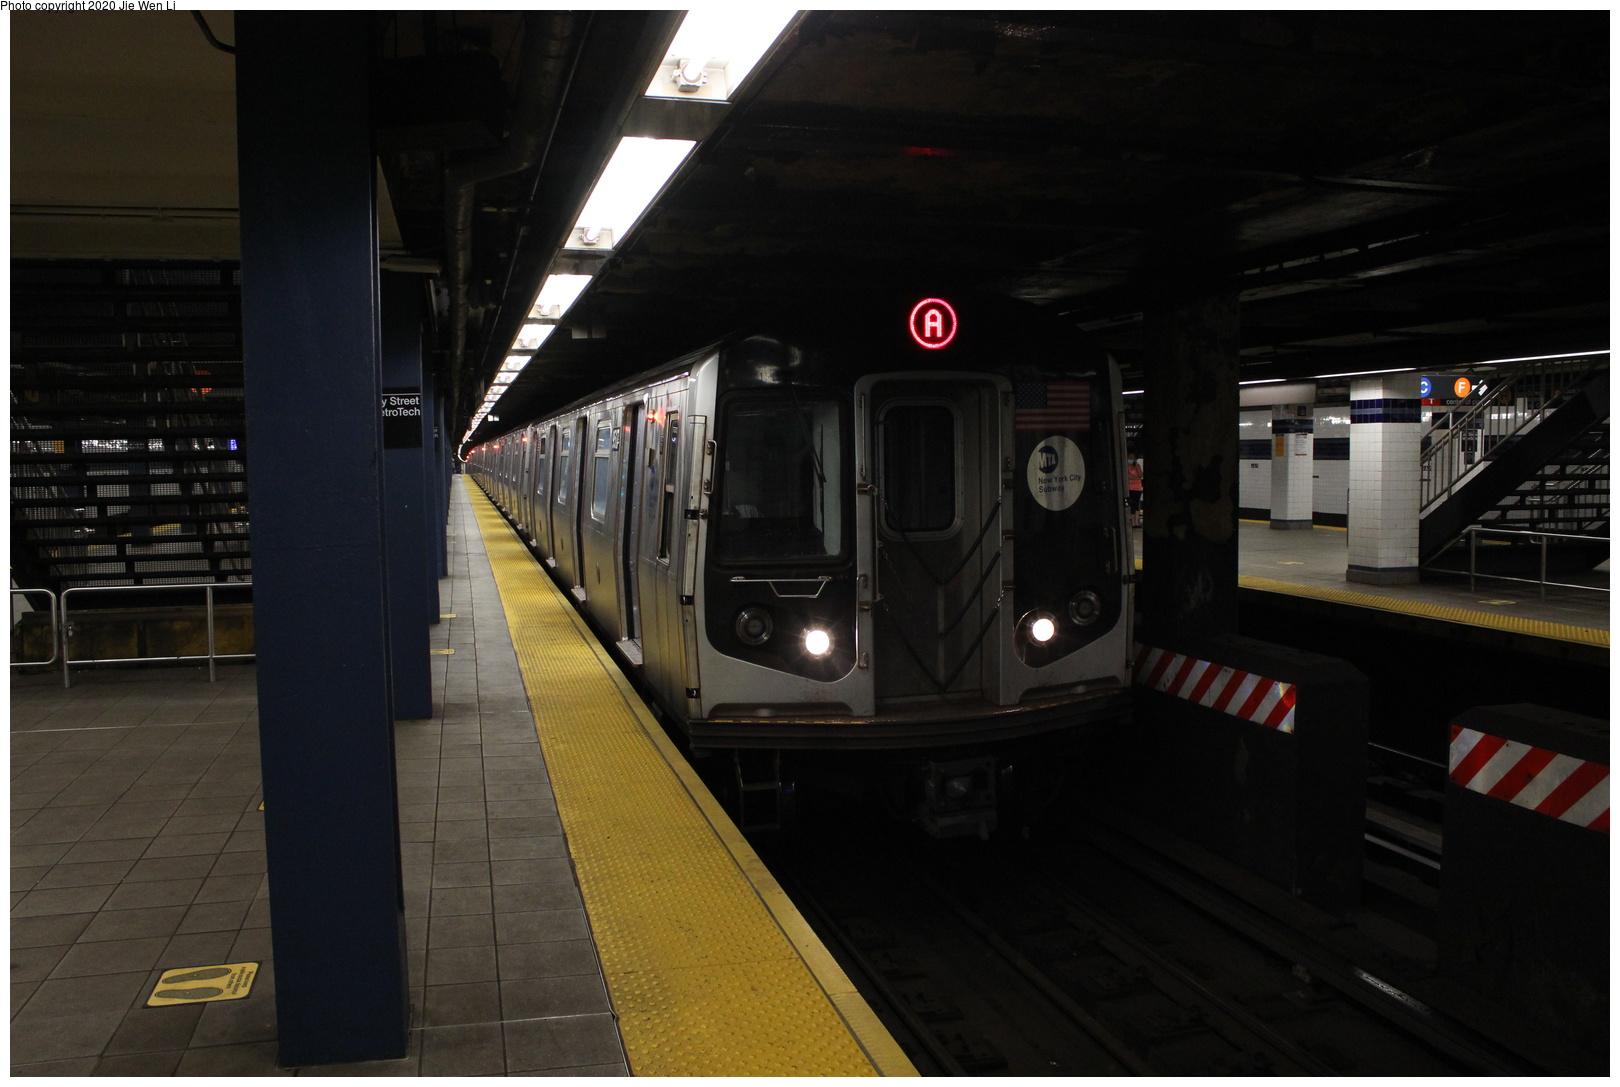 (223k, 1044x1013)<br><b>Country:</b> United States<br><b>City:</b> New York<br><b>System:</b> New York City Transit<br><b>Line:</b> IRT White Plains Road Line<br><b>Location:</b> East 180th Street <br><b>Car:</b> Low-V  <br><b>Photo by:</b> Joel Shanus<br><b>Viewed (this week/total):</b> 0 / 1245